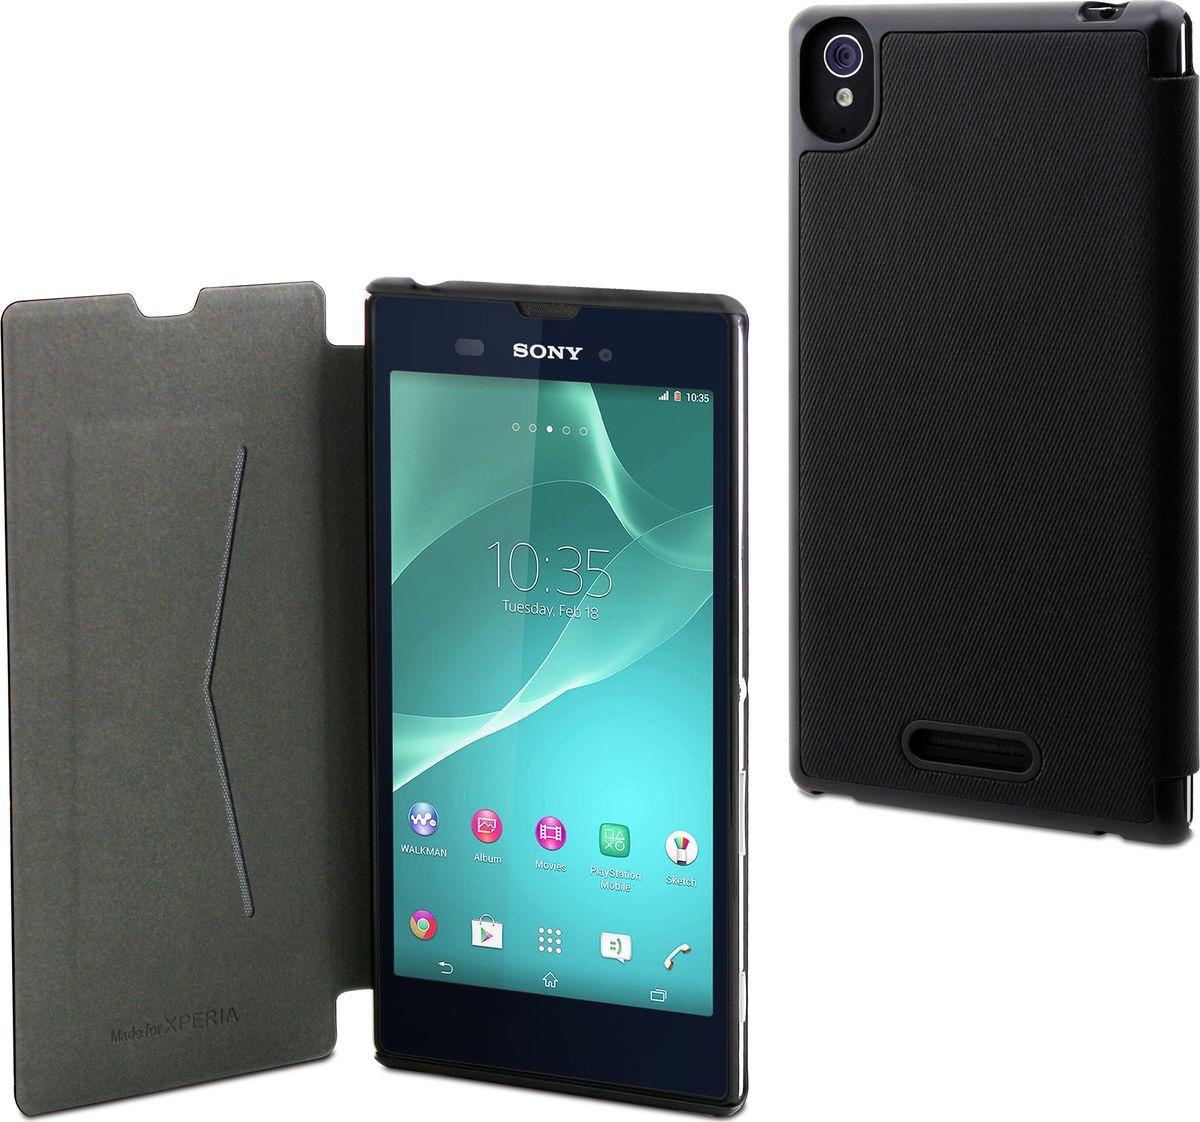 Чехол для сотового телефона Muvit MFX Ultra Slim Folio Case для Sony Xperia T3, SESLI0121, черный